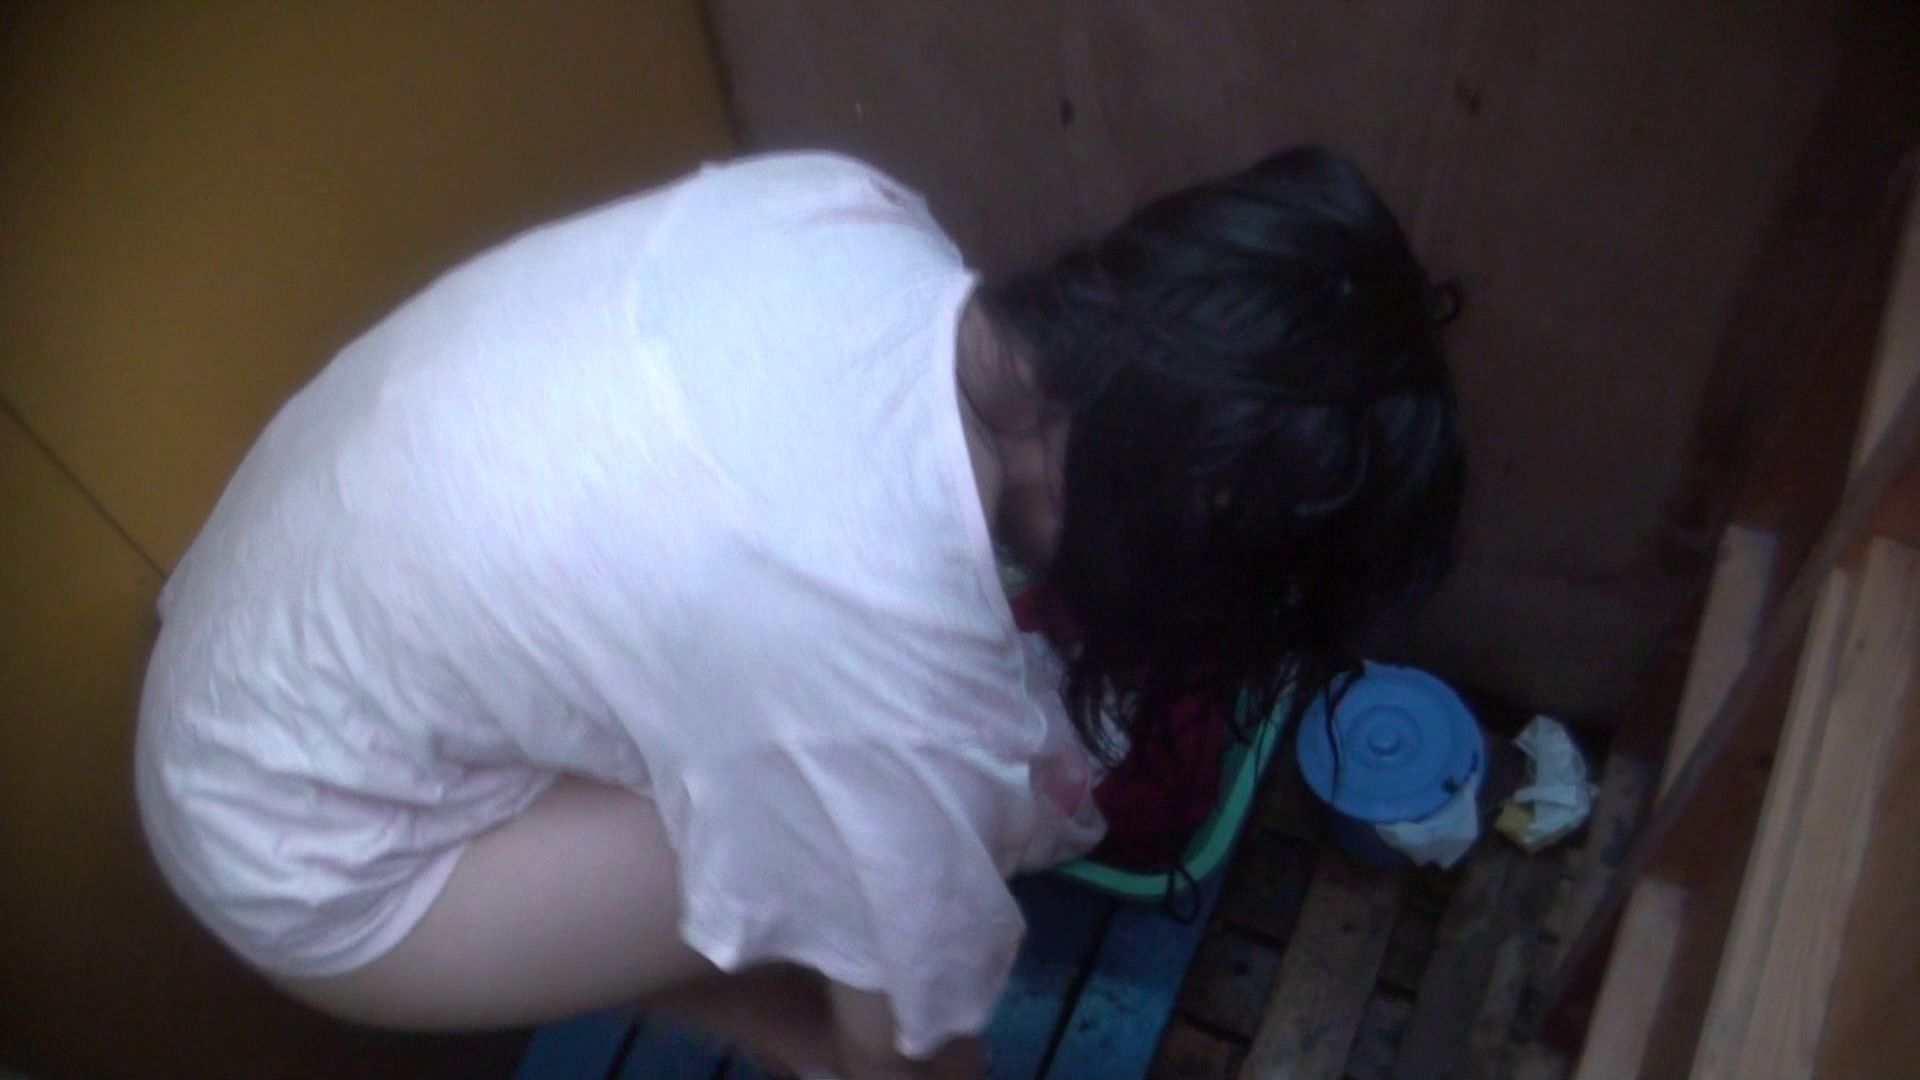 シャワールームは超!!危険な香りVol.13 ムッチムチのいやらしい身体つき シャワー  111pic 8